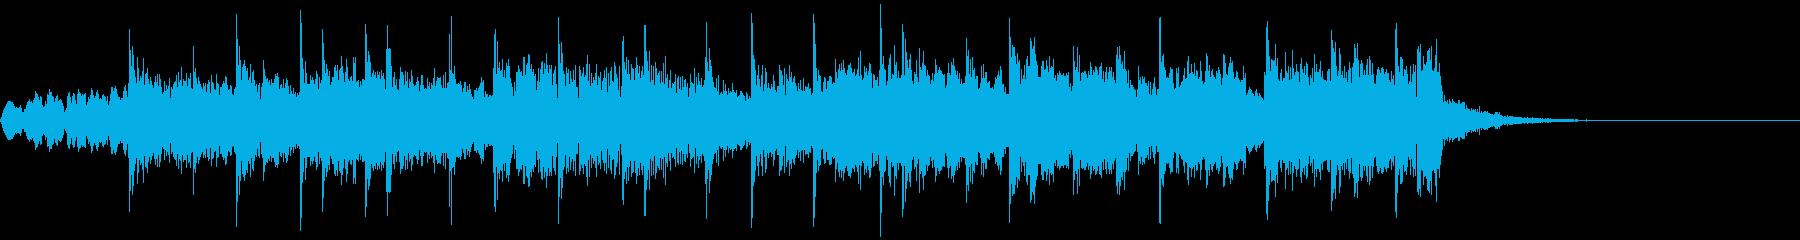 アコーディオンメロのかわいいジングルの再生済みの波形